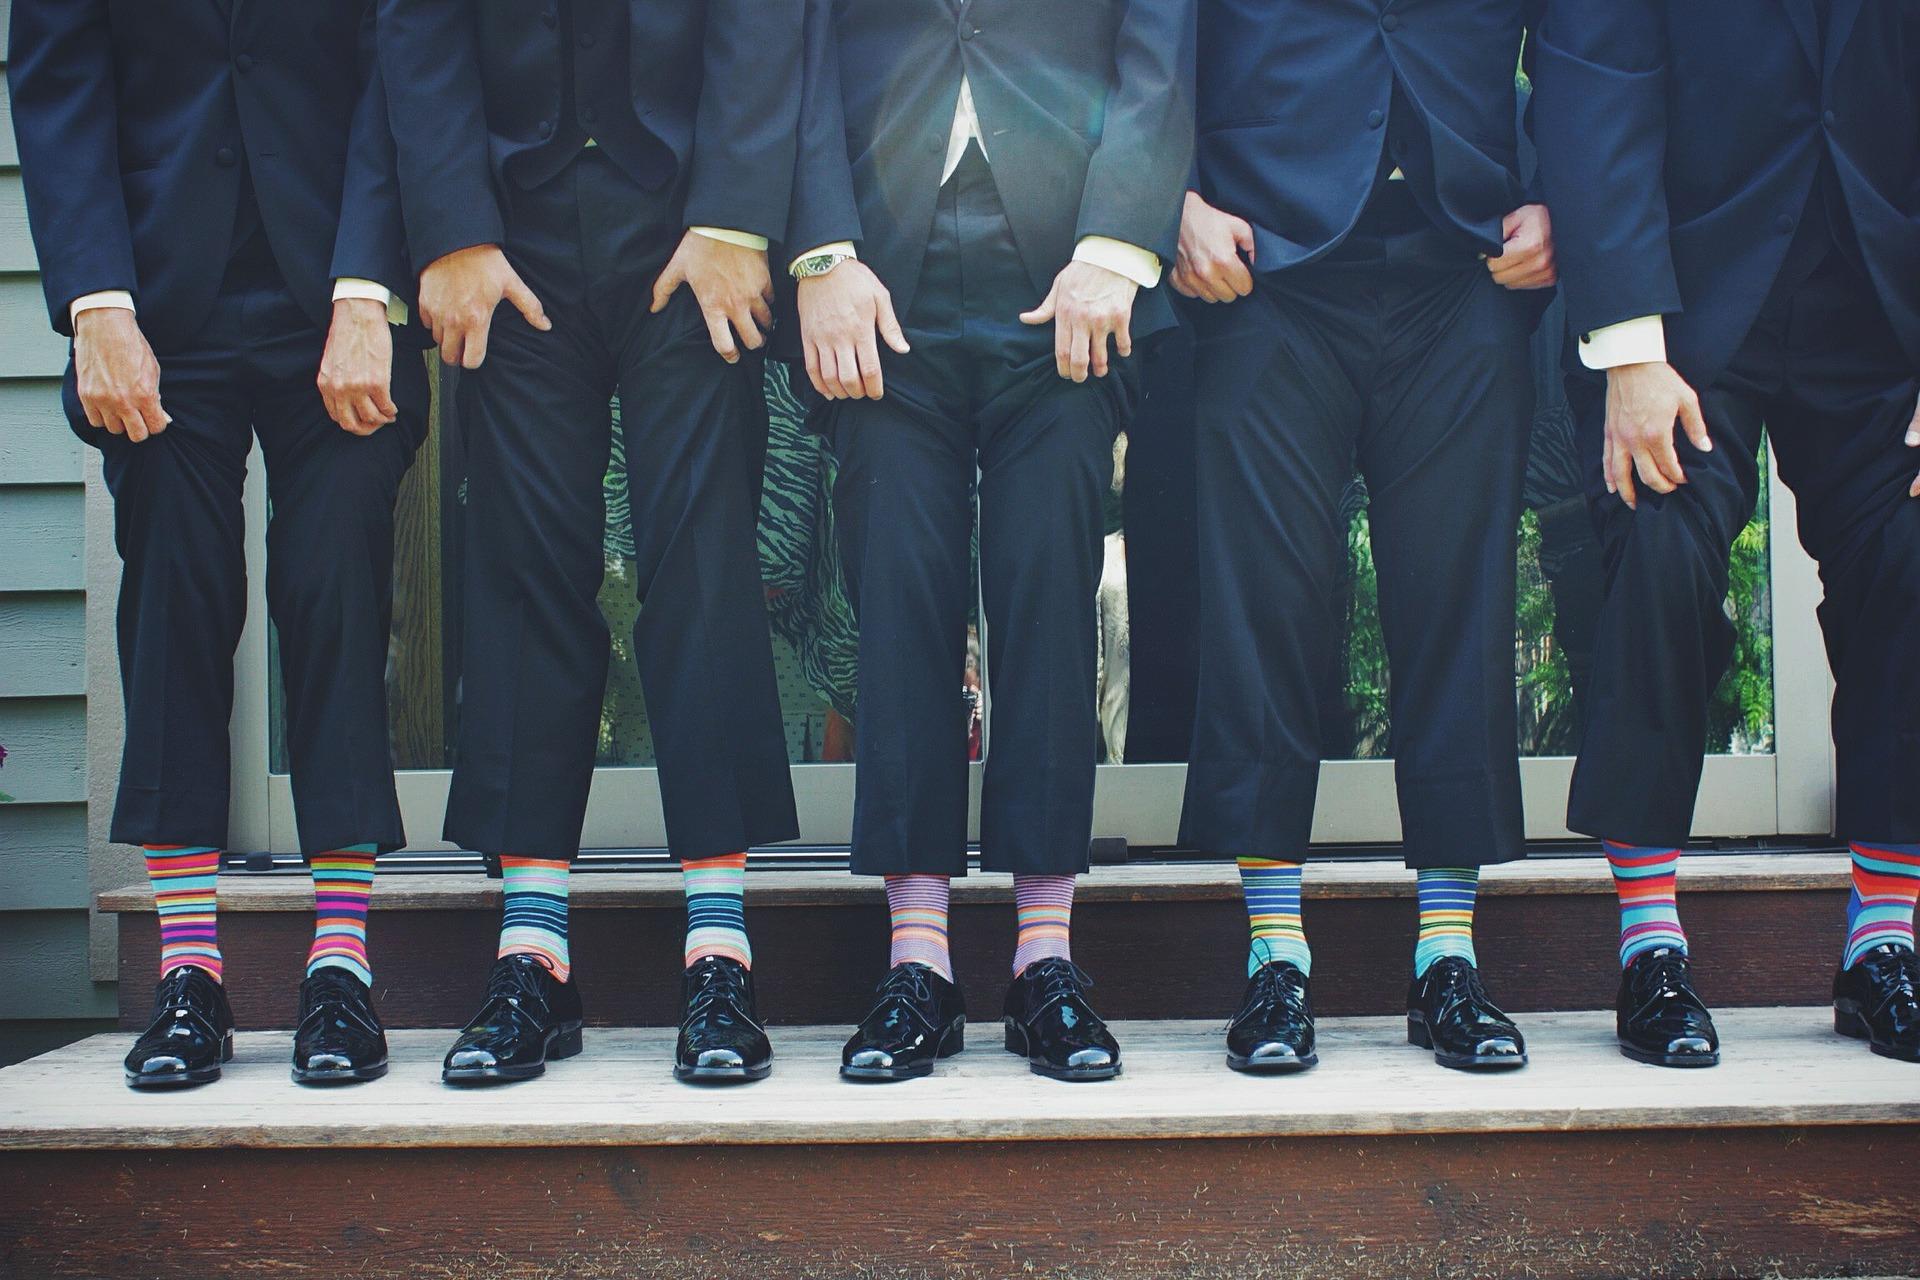 סוגי גרביים עם צורות: טרנדים בשנת 2021